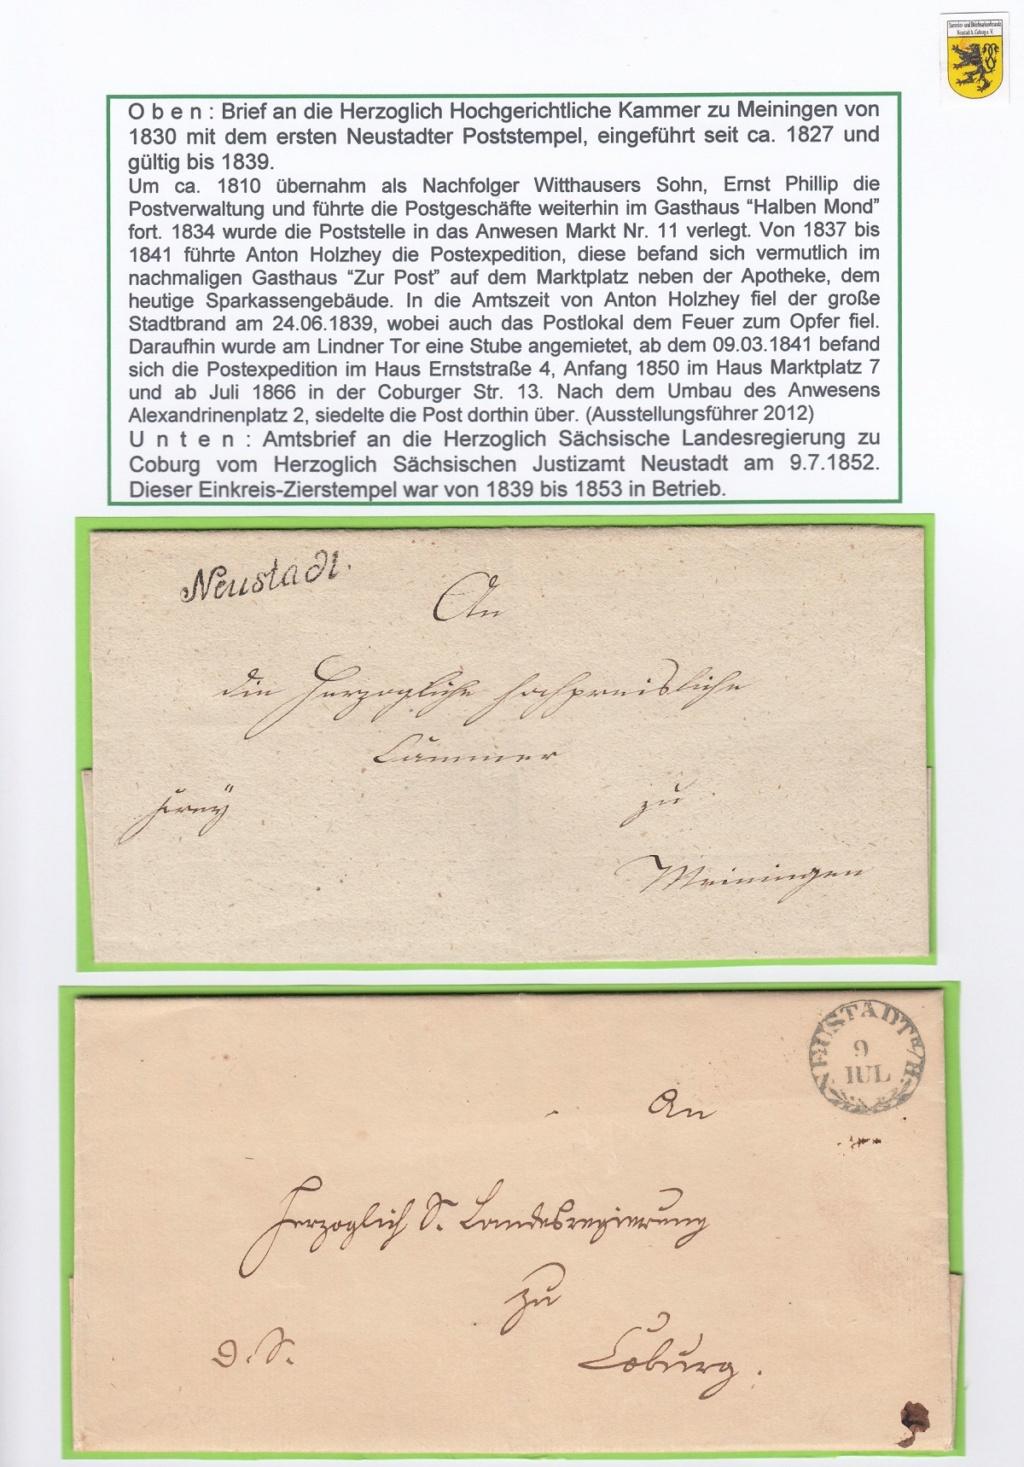 Die Postgeschichte von Neustadt bei Coburg Nec810